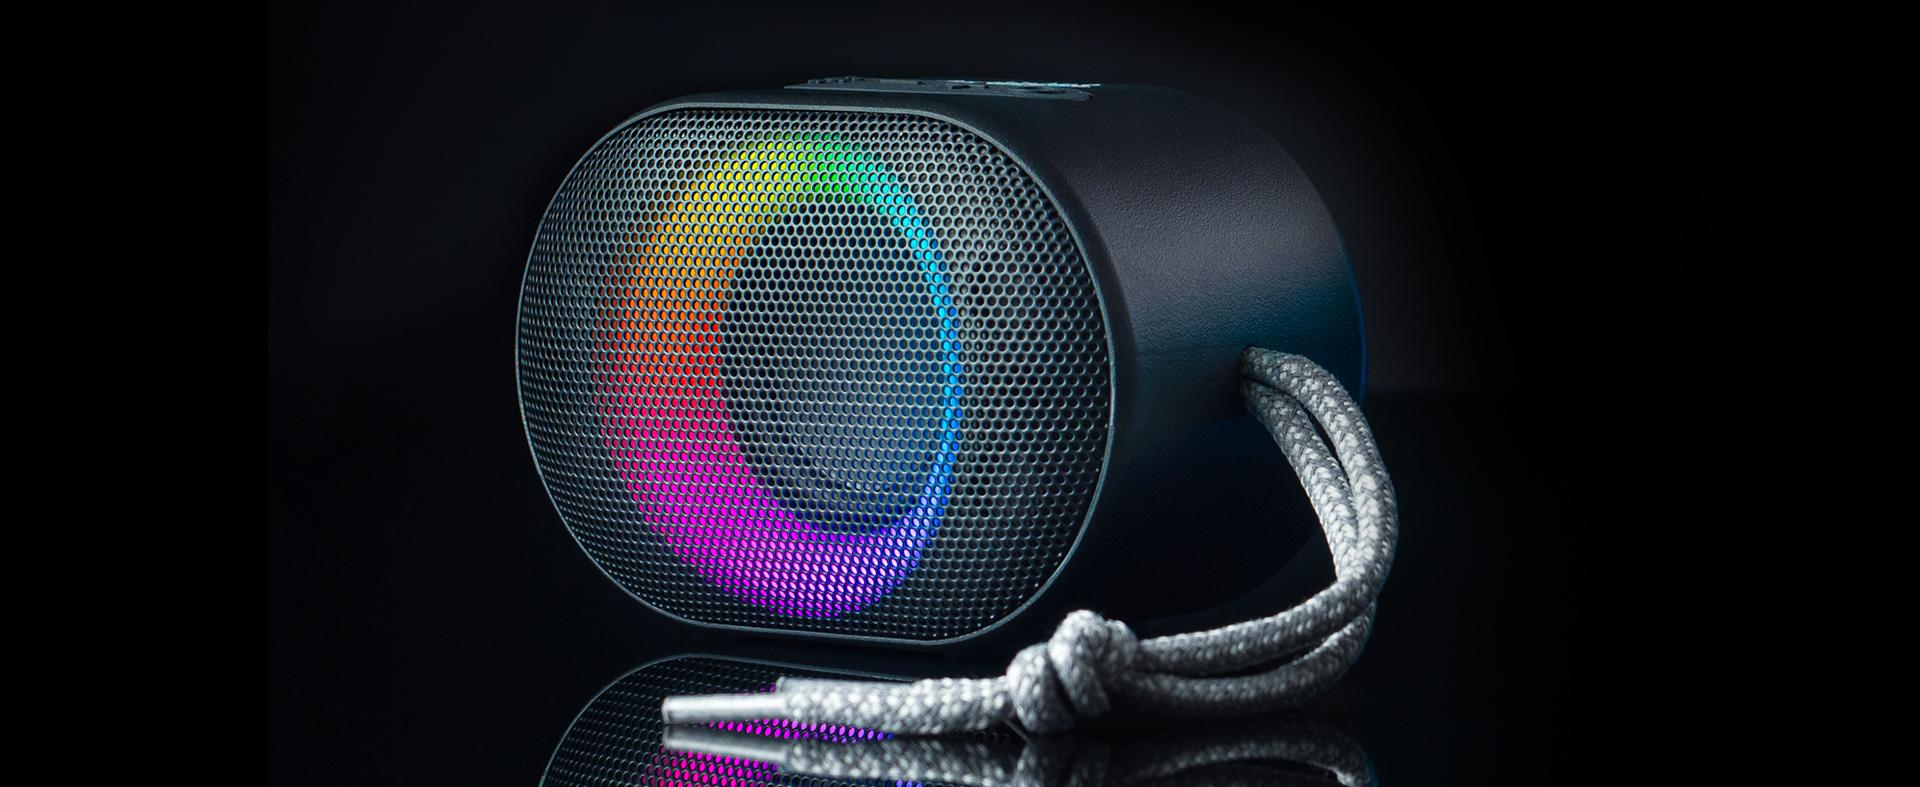 bluetooth speaker audictus aurora mini 7w rgb black 4